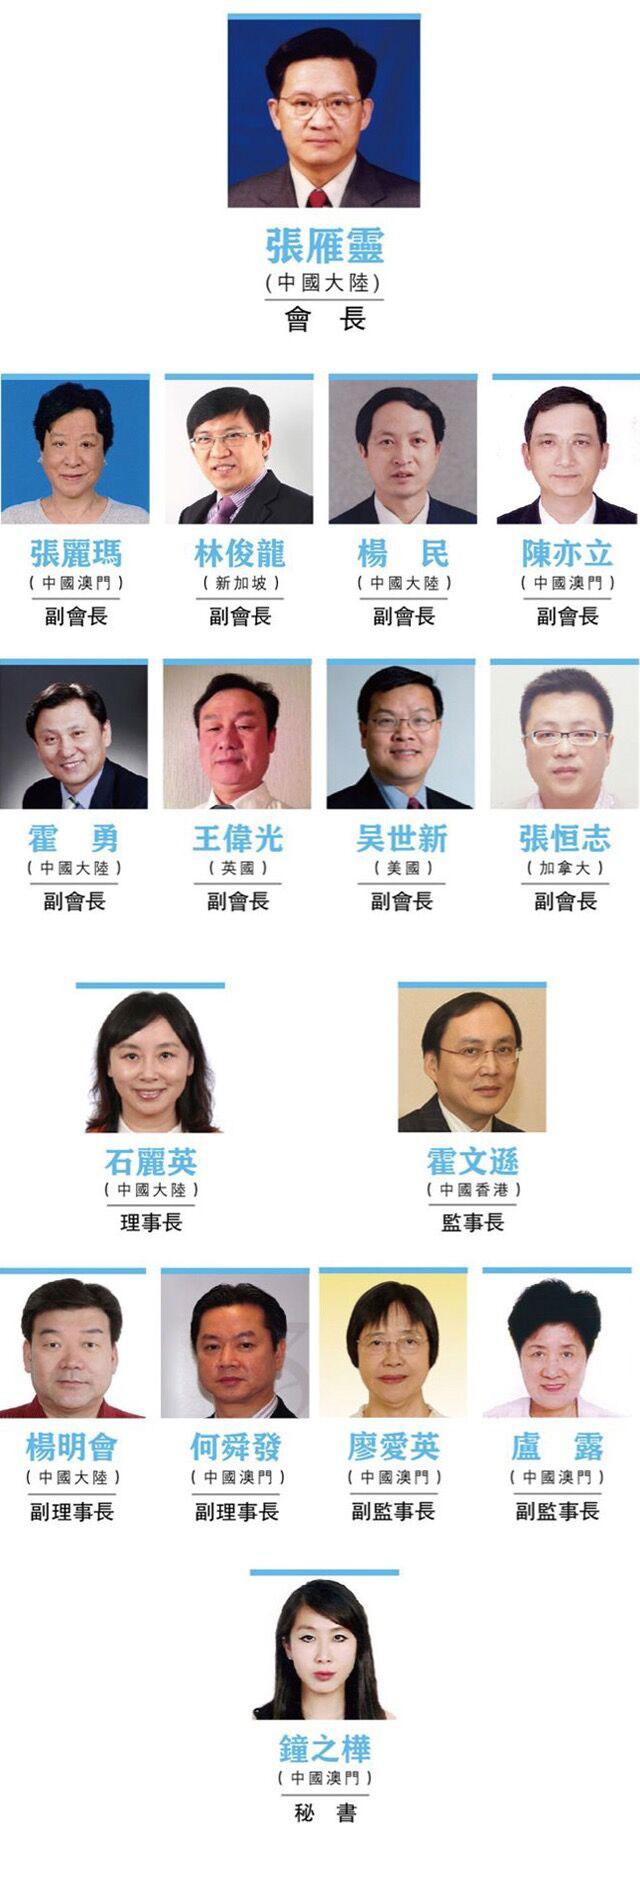 361-世界华人协会手册-15-8-3-01_01